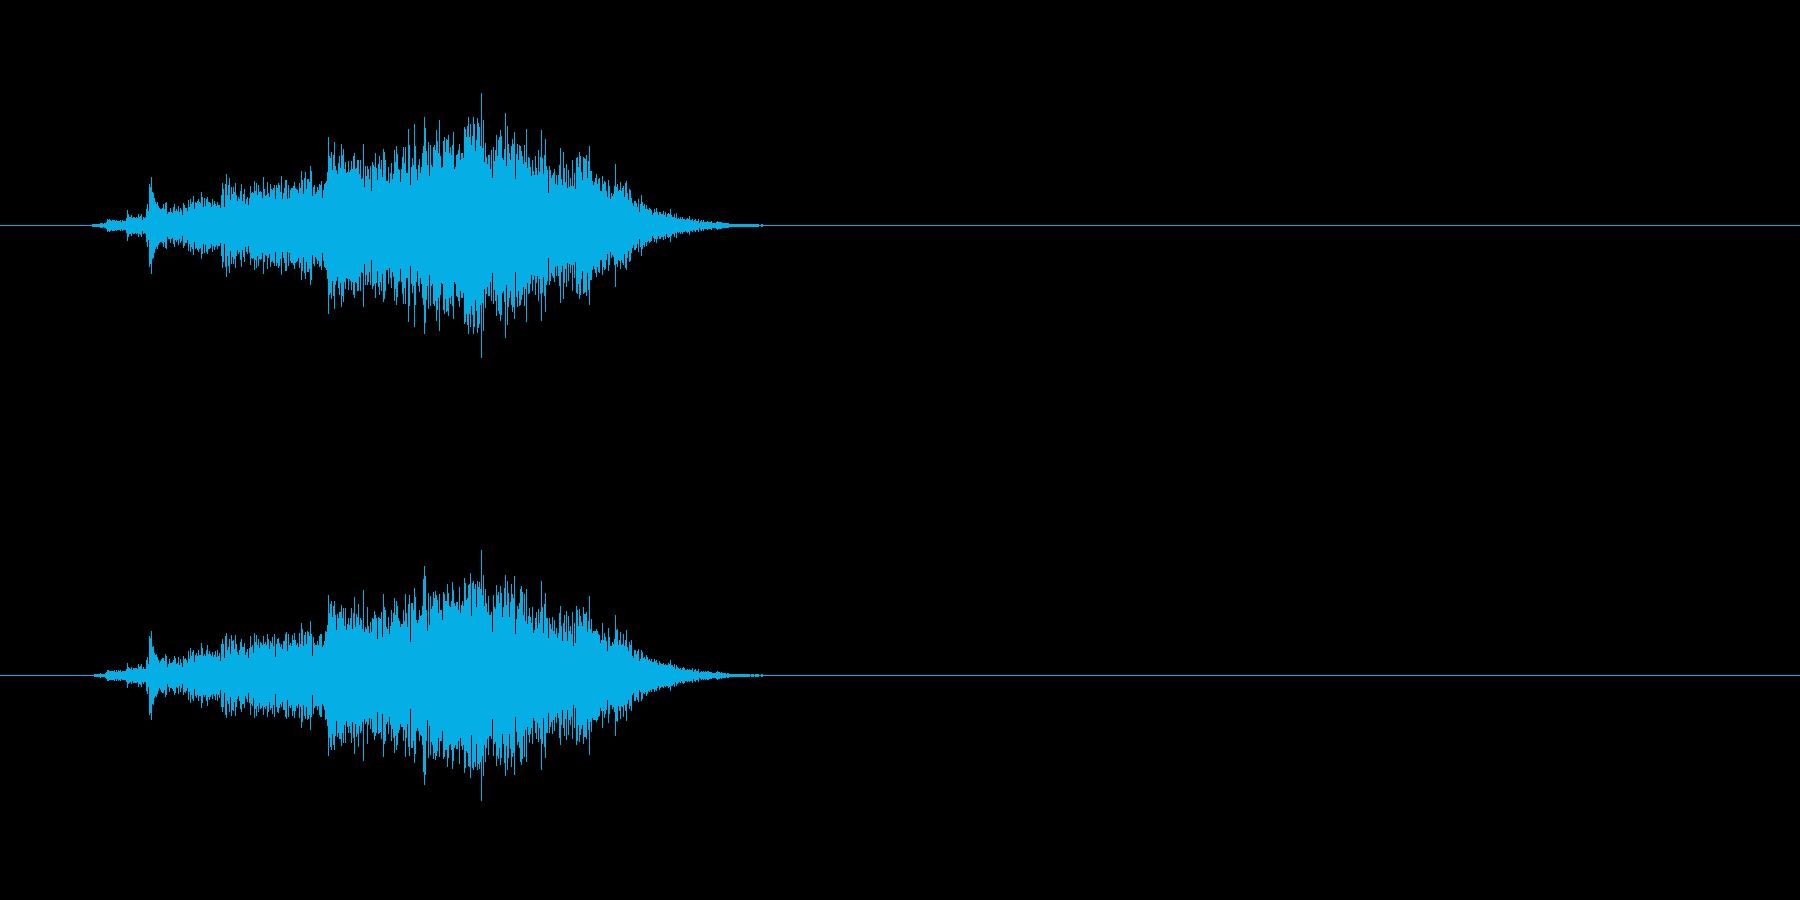 【カーテン01-2】の再生済みの波形